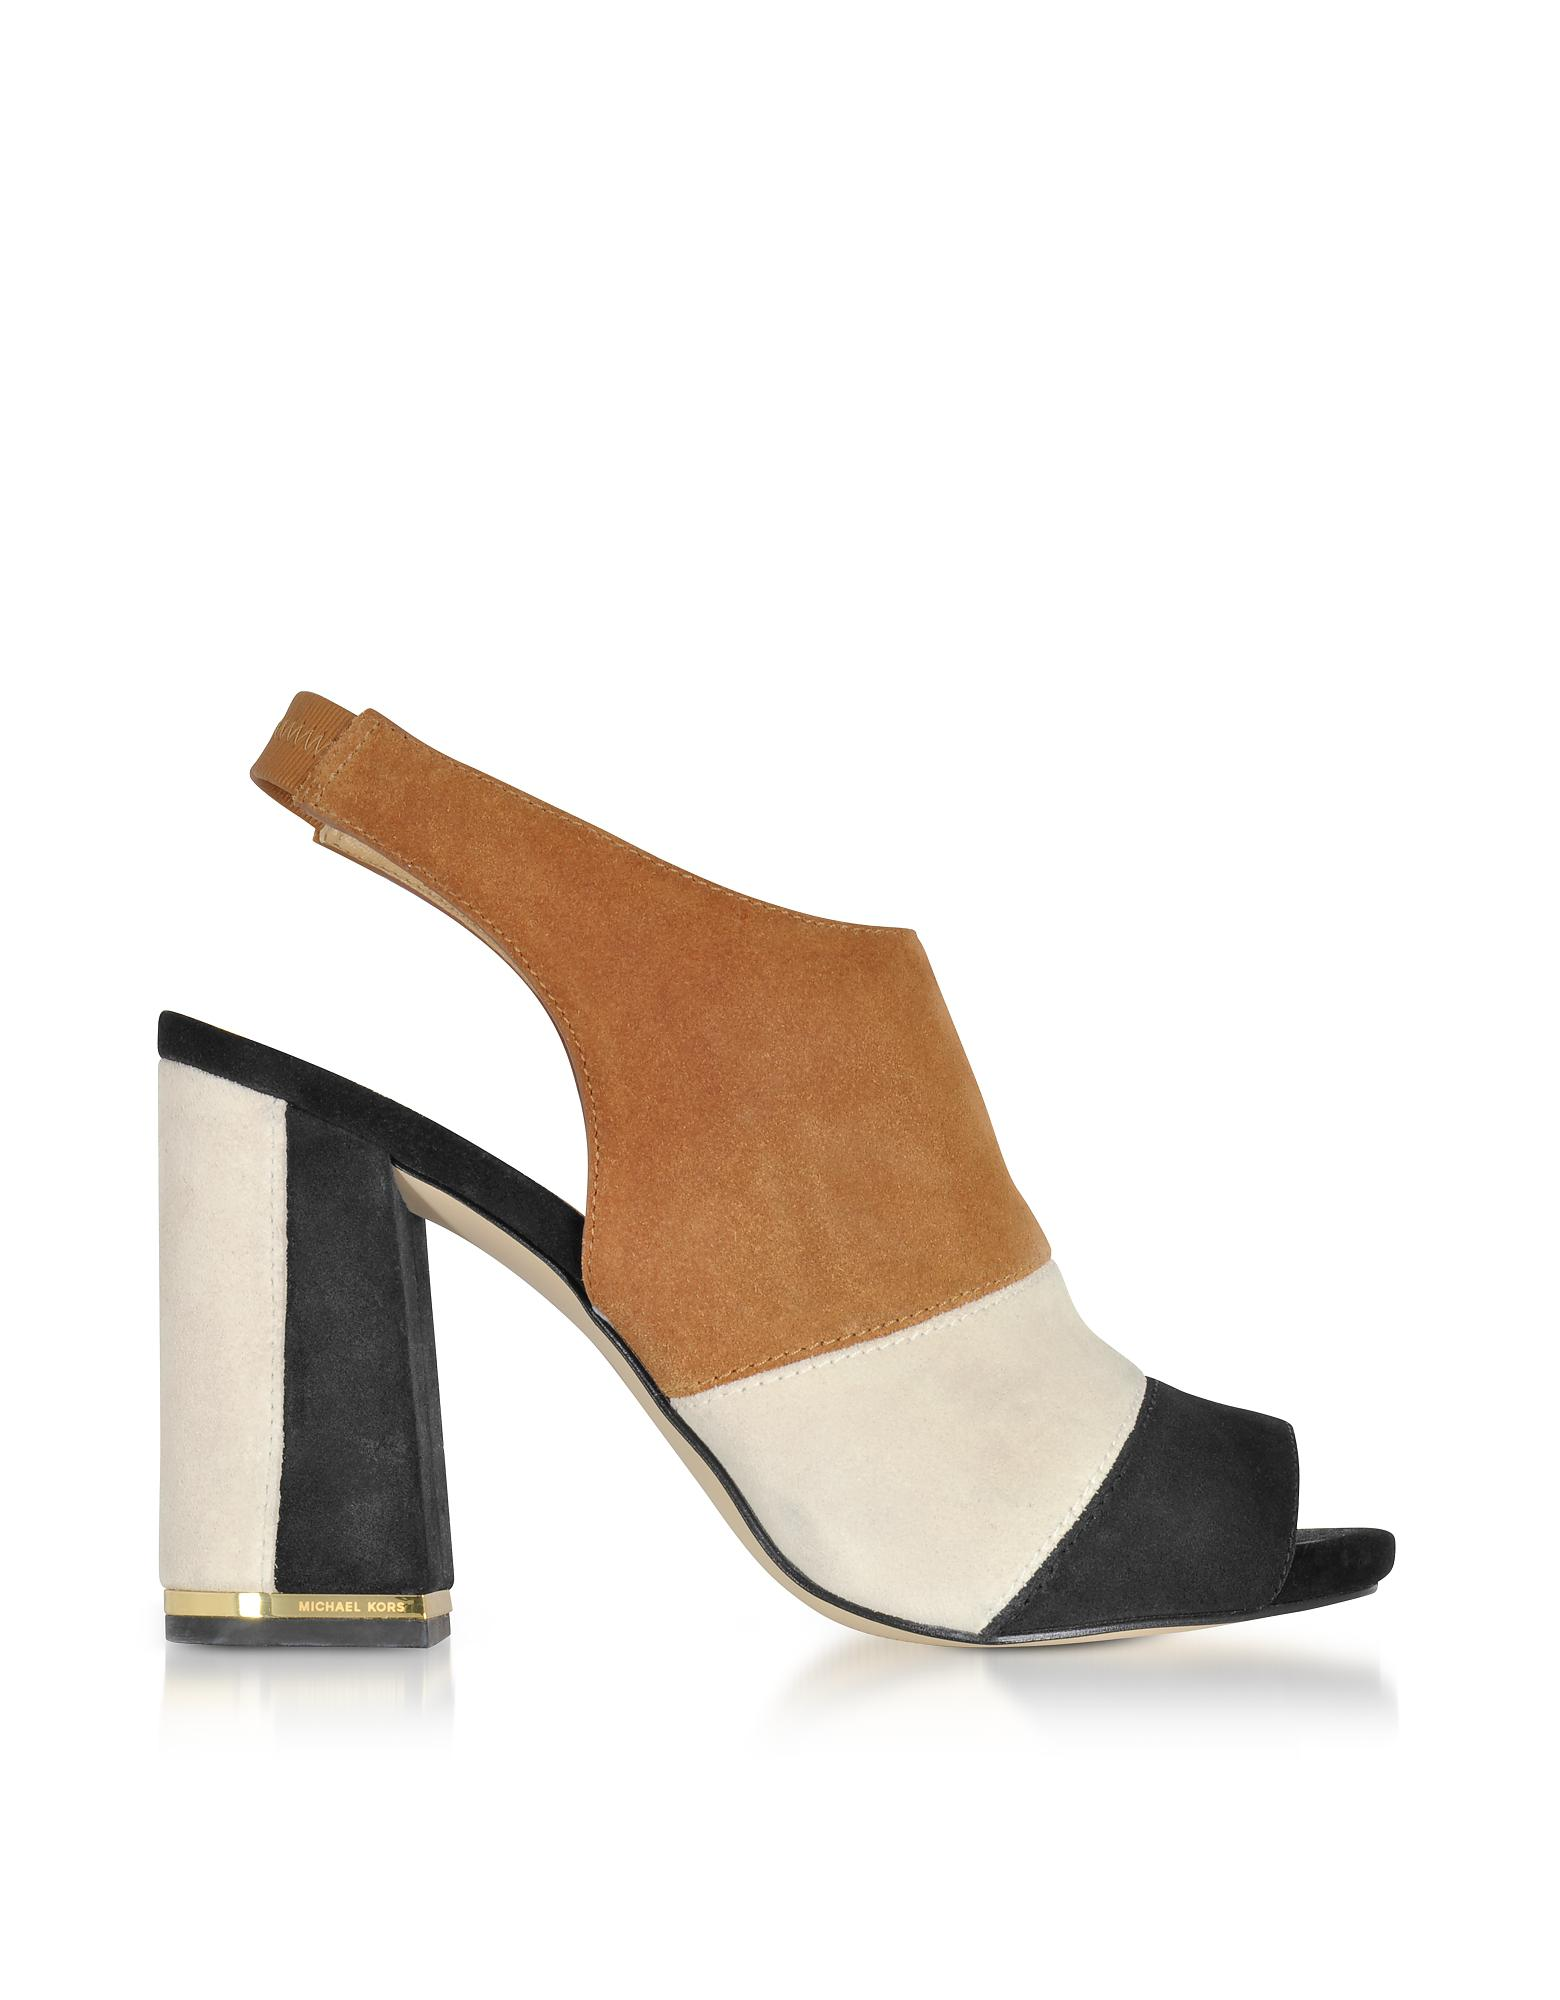 MICHAEL CMa6xkNuw5 JESSIE OPEN TOE BOOTIE - High heeled sandals - acorn flz0EF